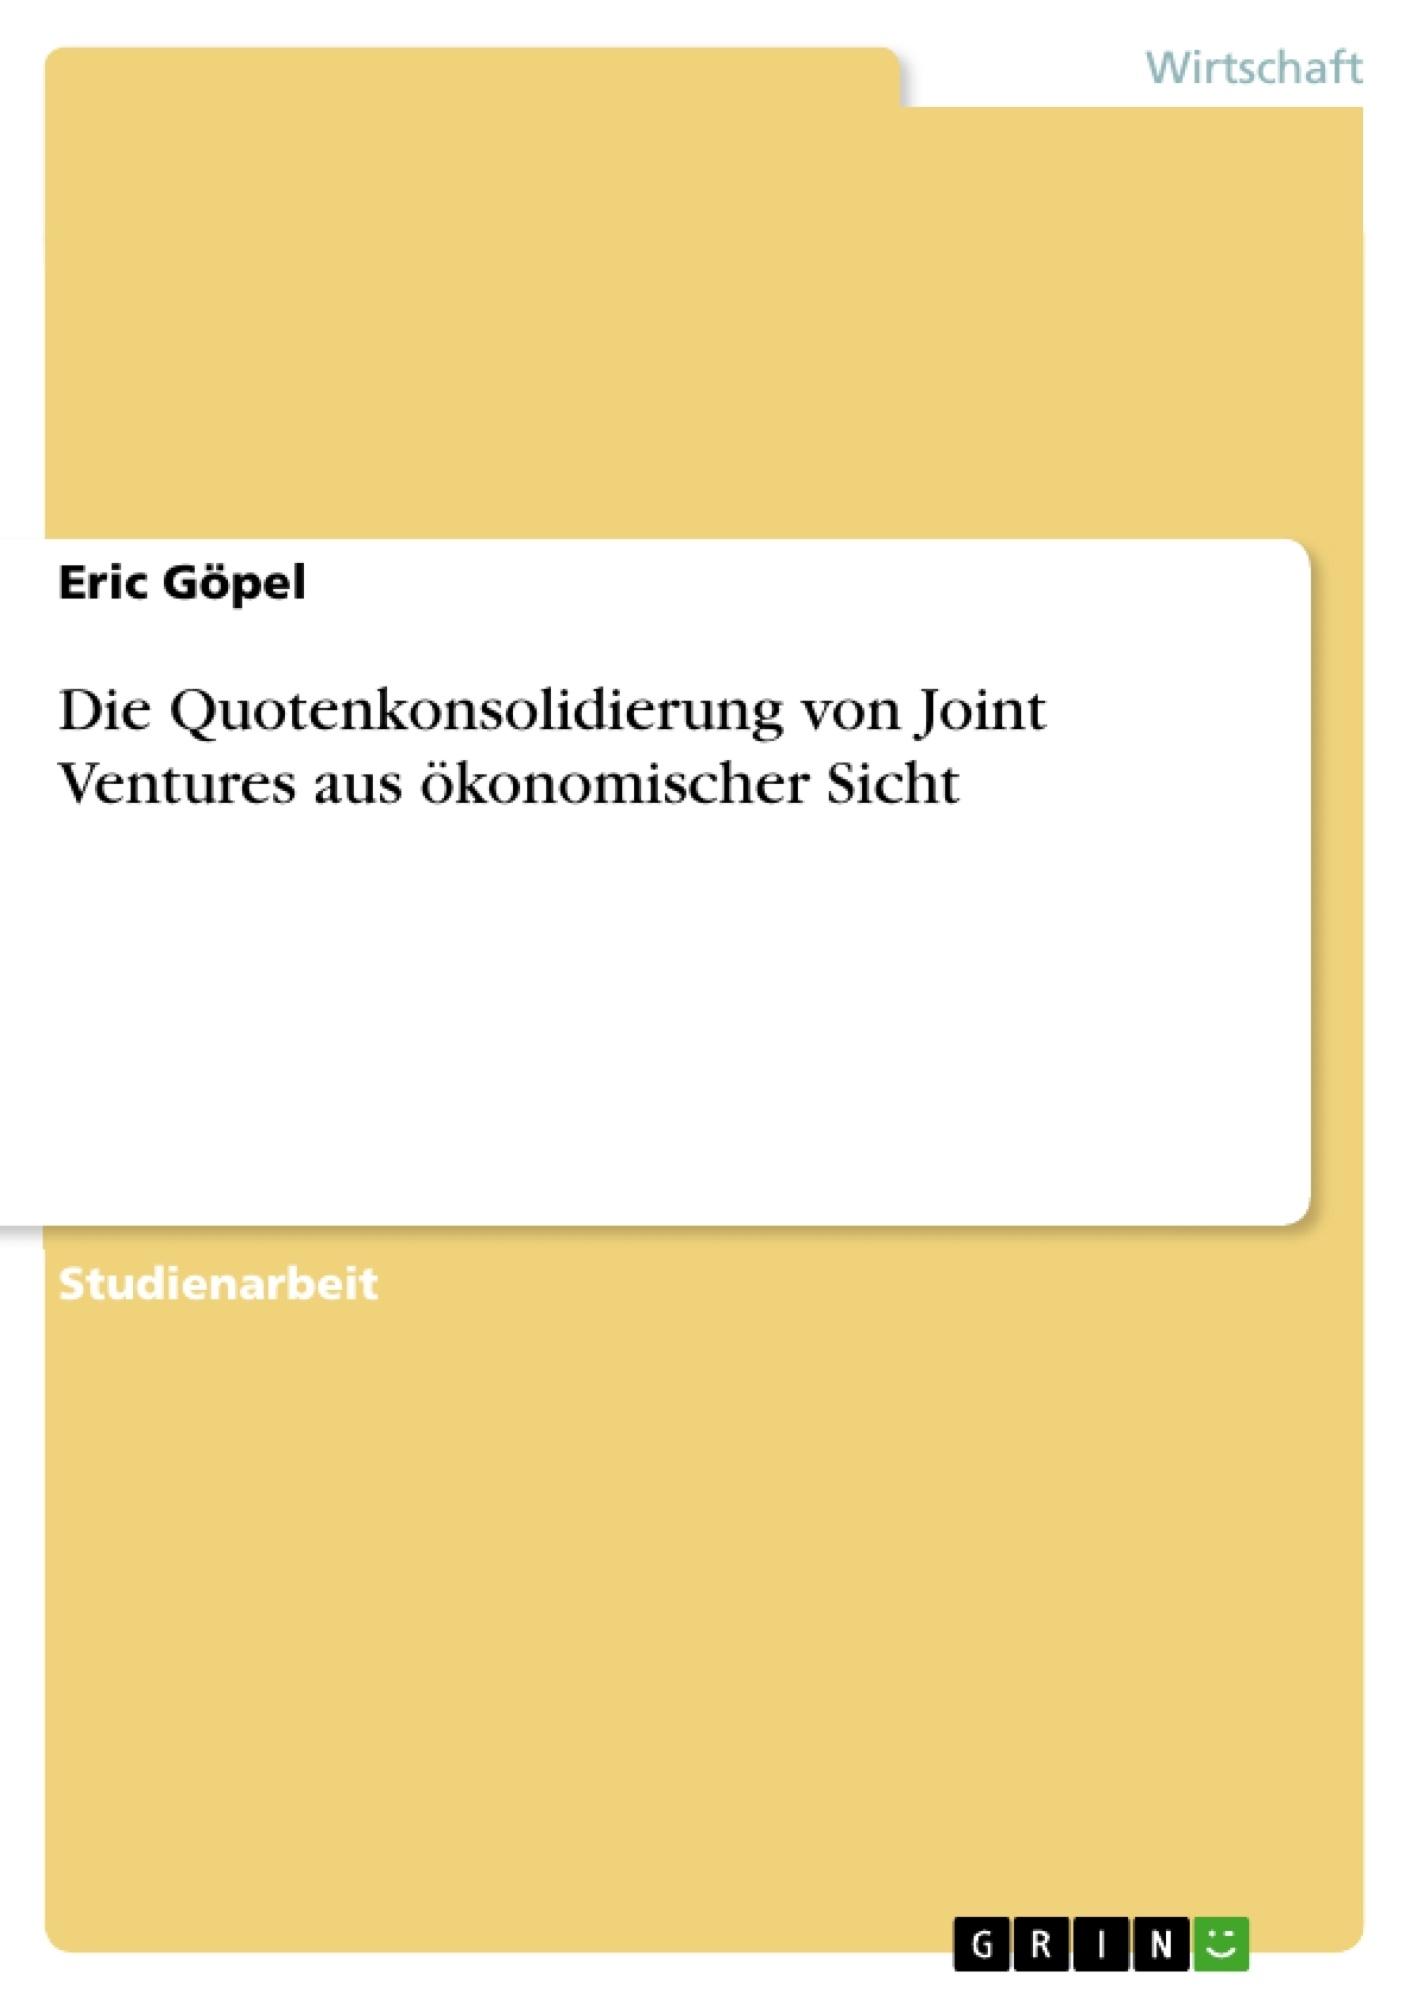 Titel: Die Quotenkonsolidierung von Joint Ventures aus ökonomischer Sicht